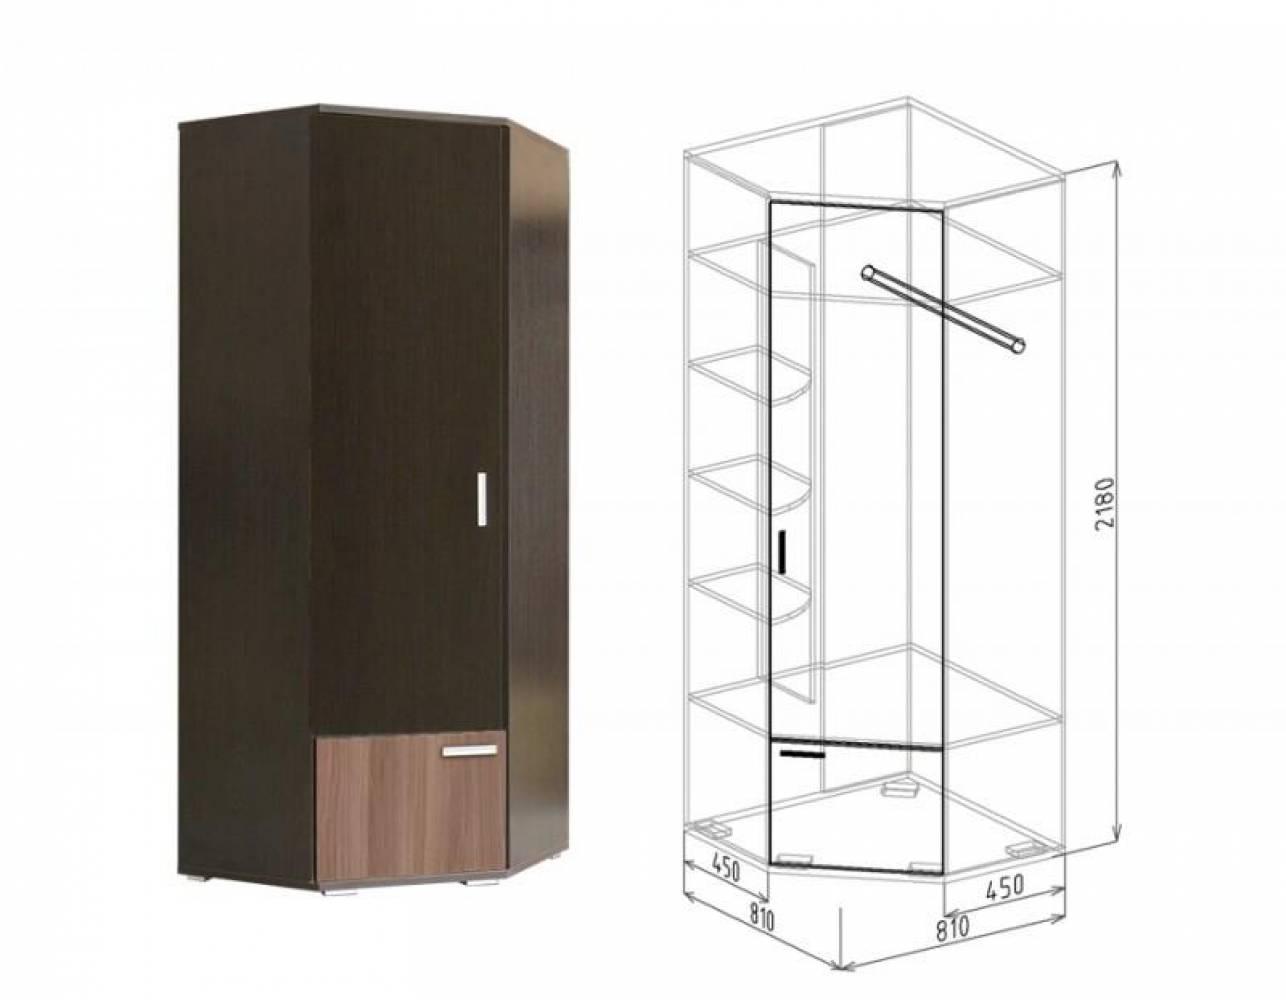 Шкаф угловой №10 СТАТУС (ясень шимо темный)